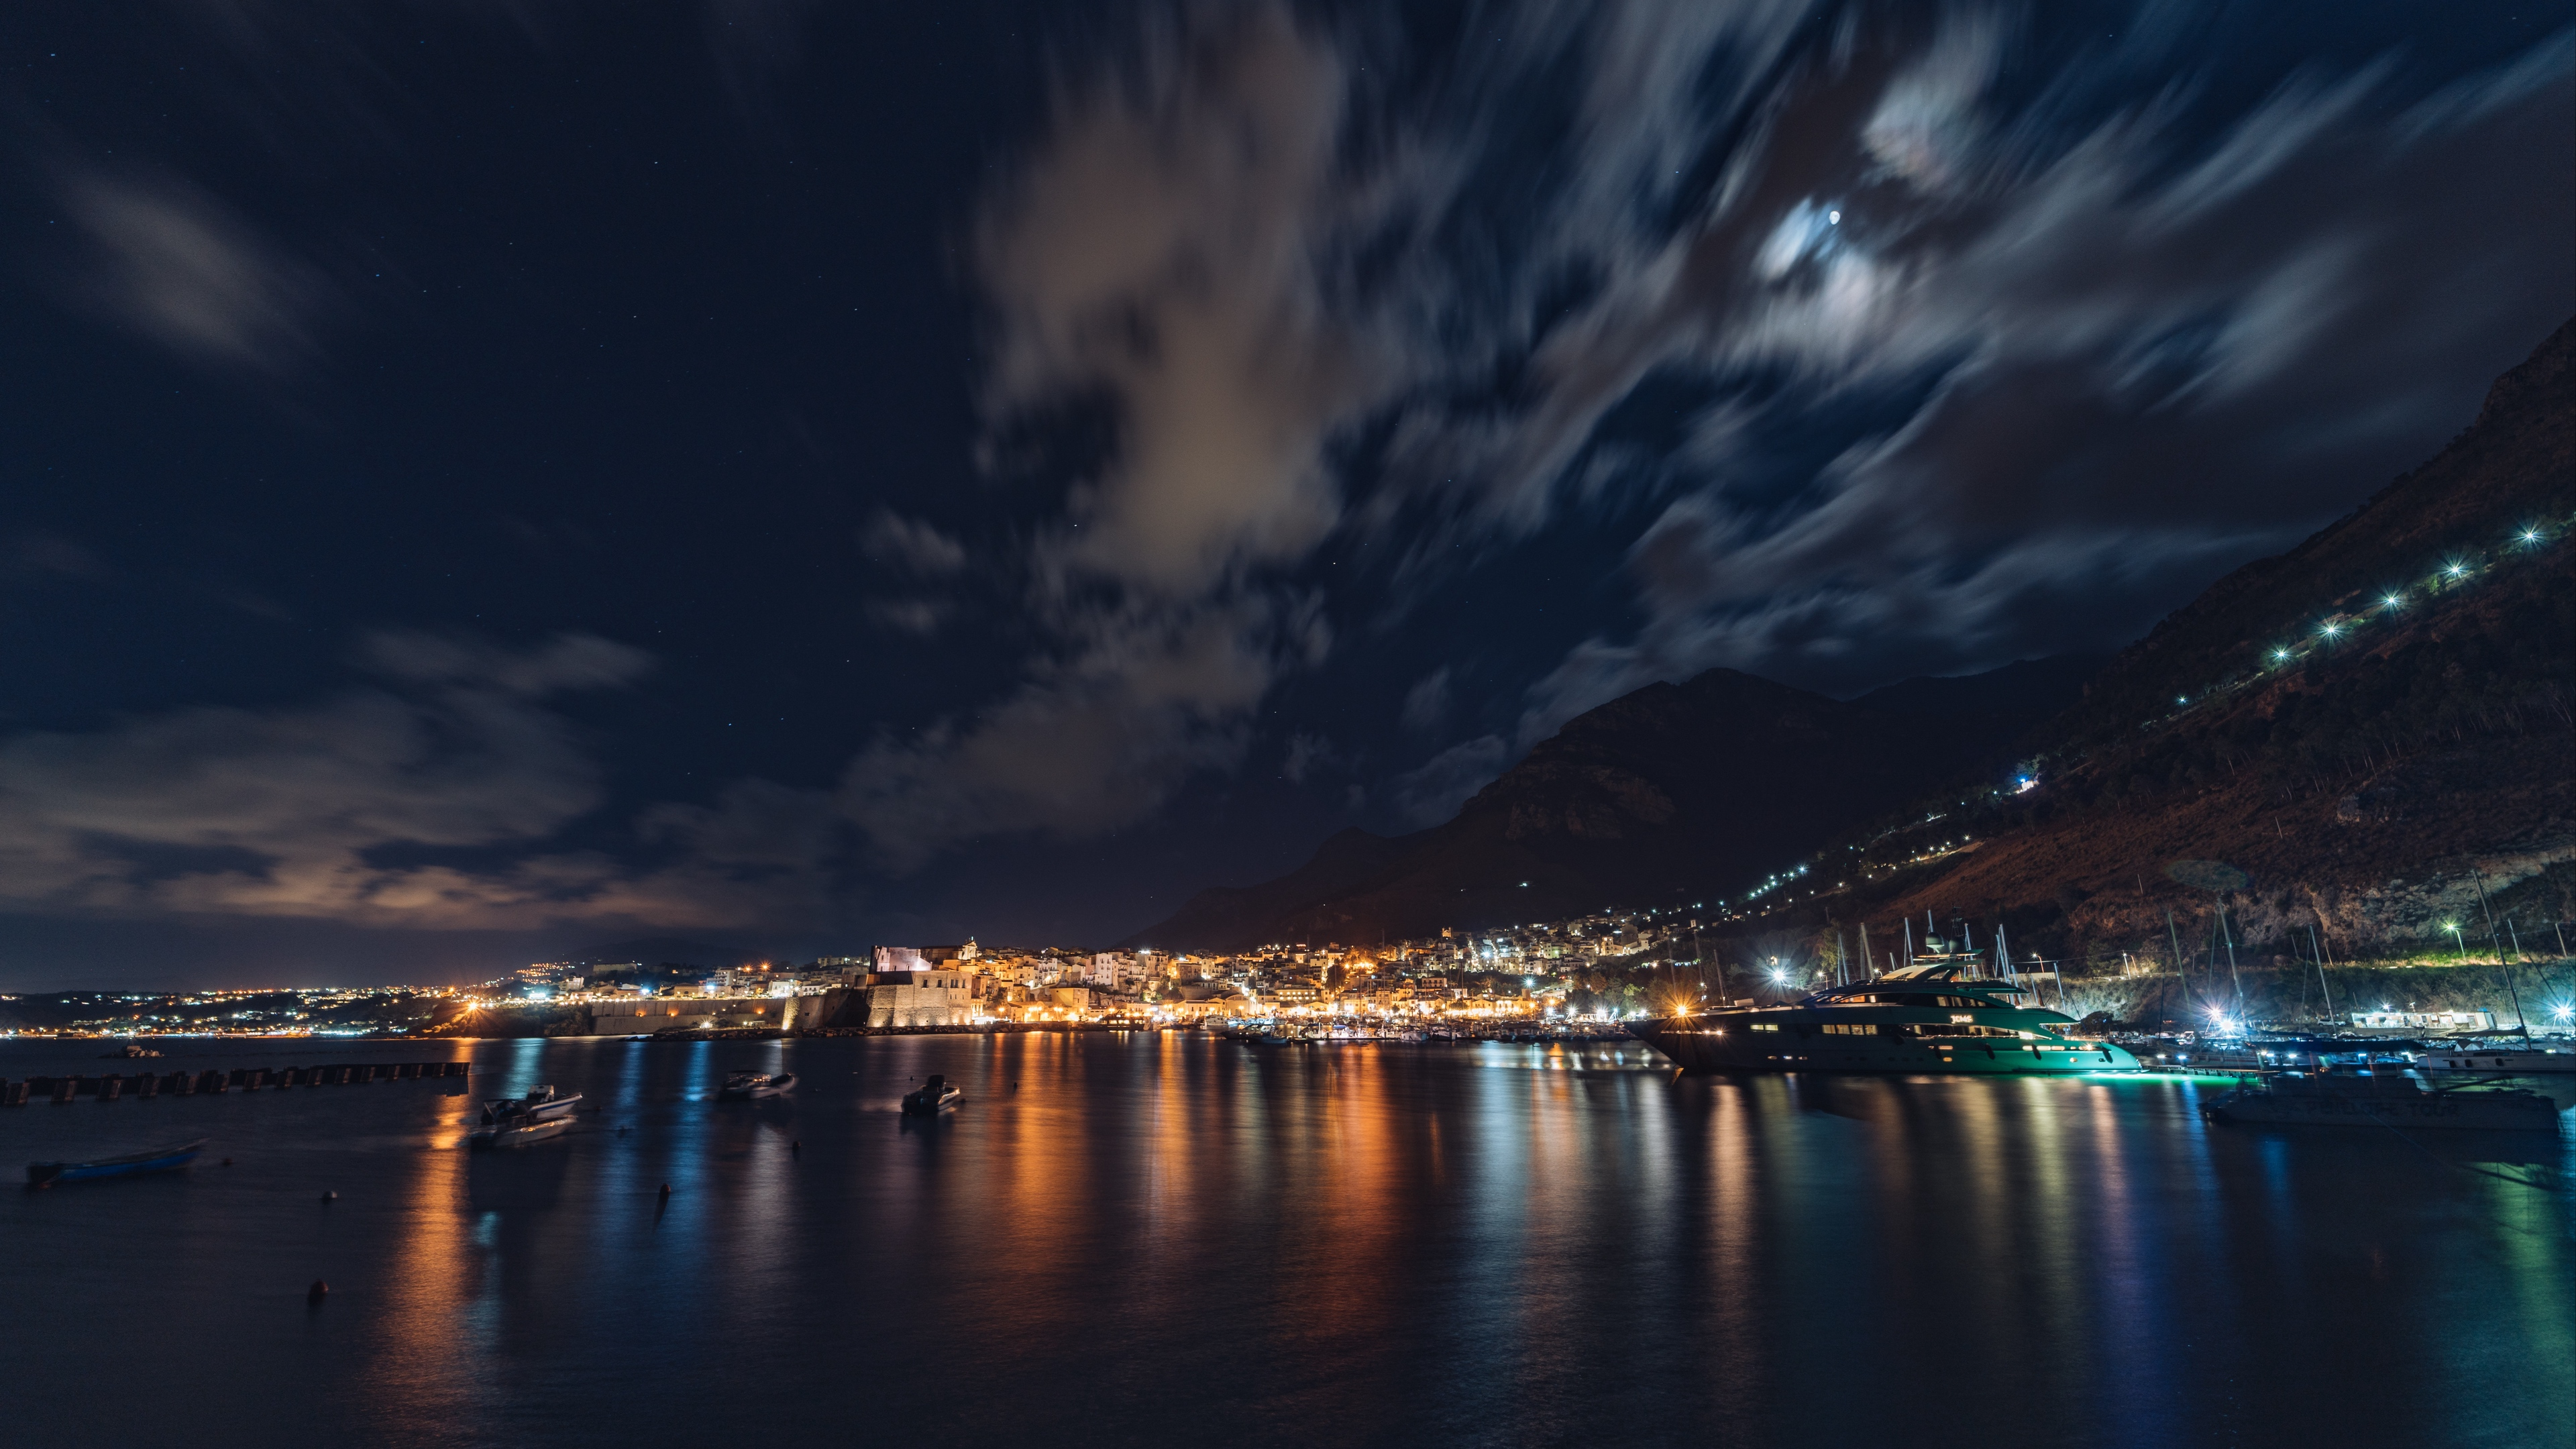 city night panorama 4k 1538065297 - city, night, panorama 4k - Panorama, Night, City